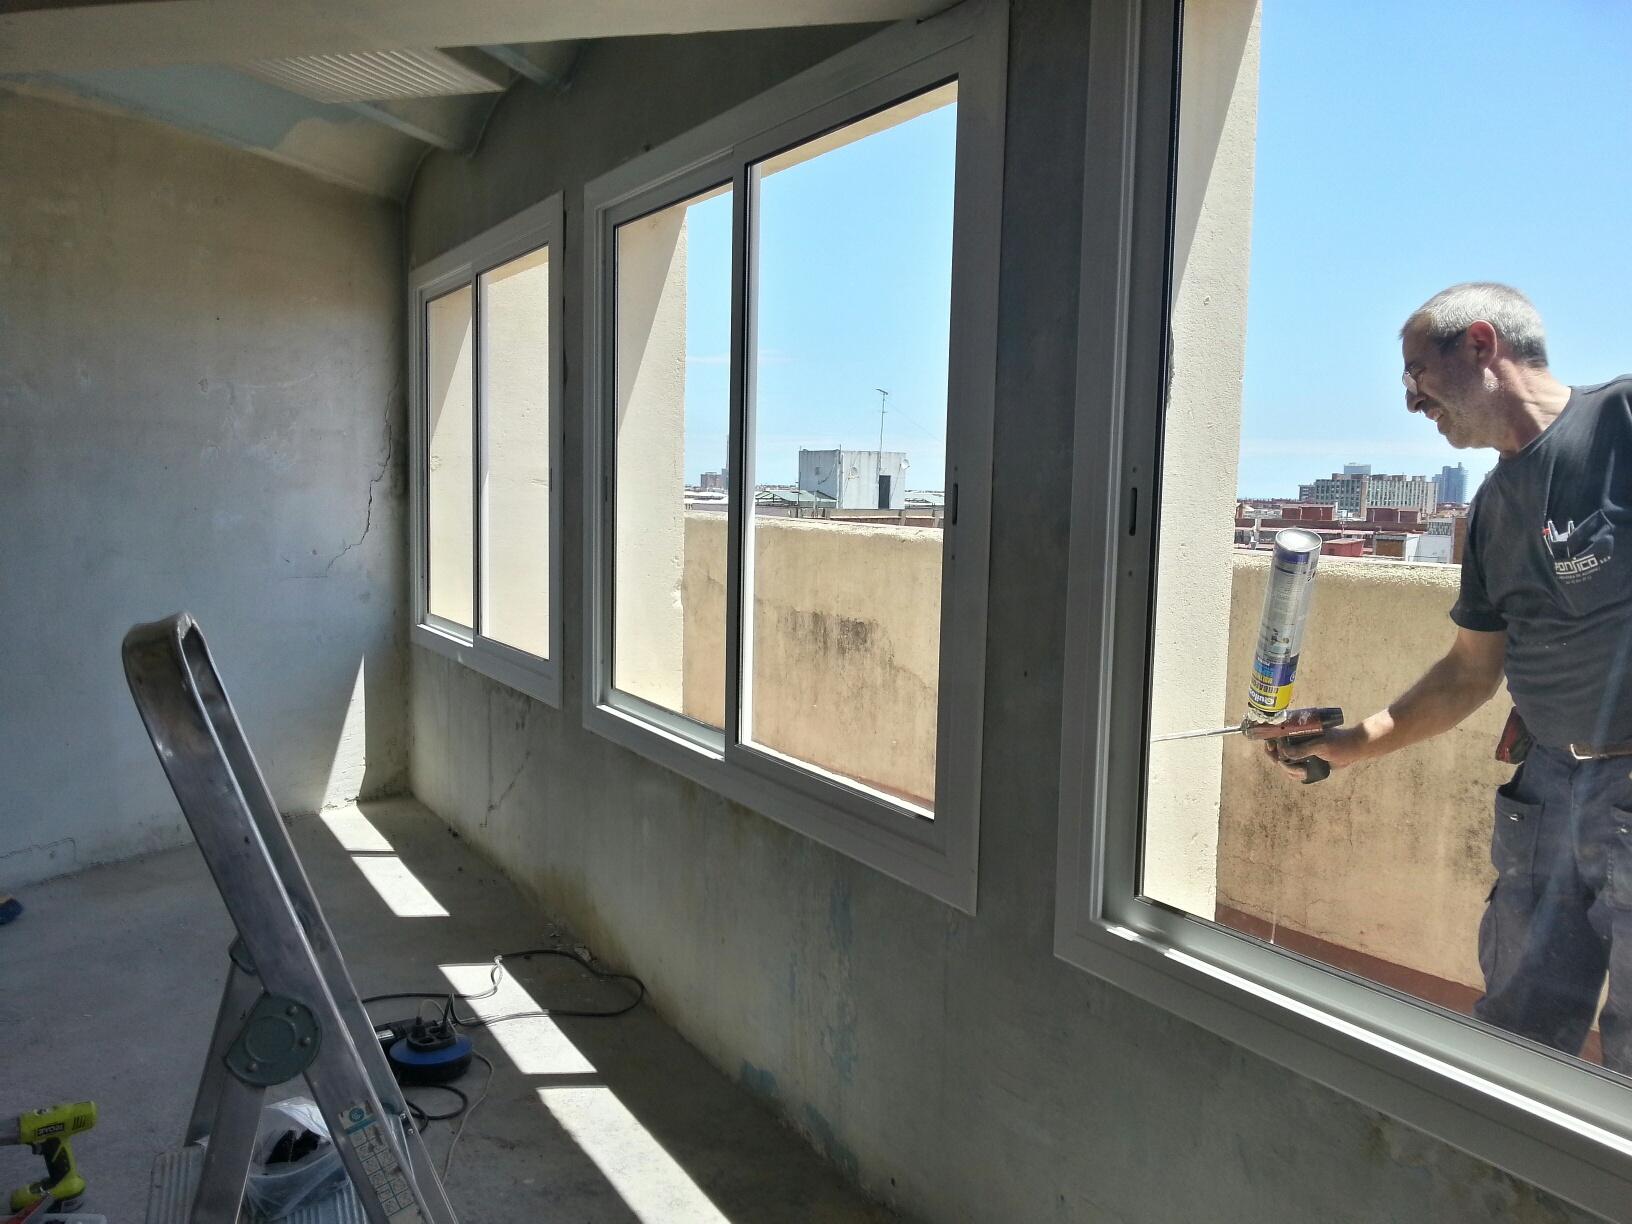 Puertas y ventanas con vidrio de c mara instaladas en un for Ventanas aluminio gris antracita